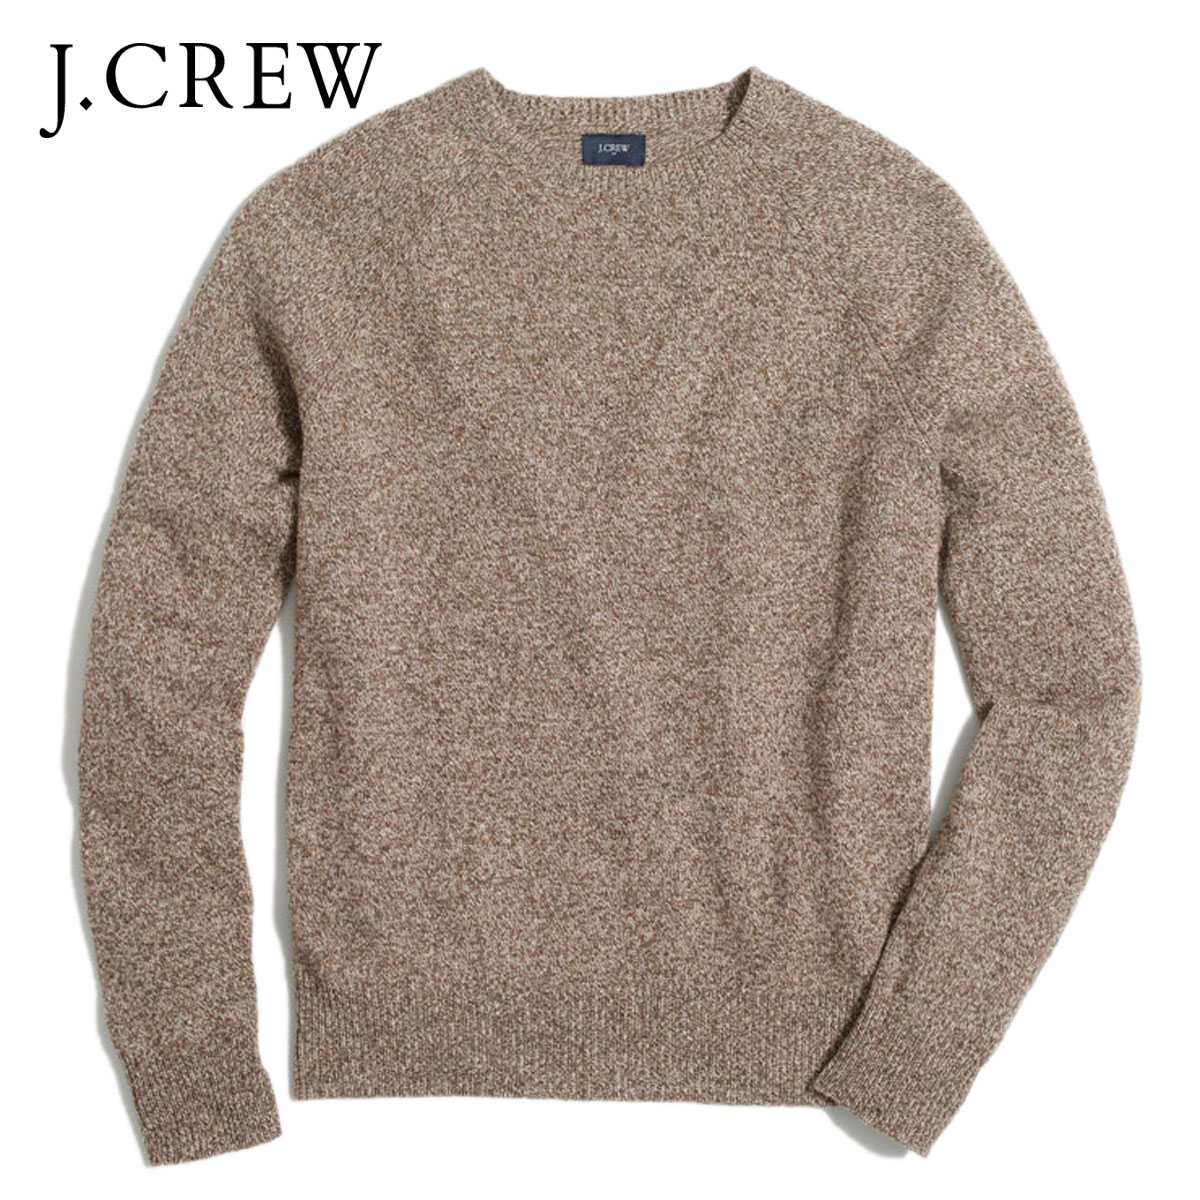 ジェイクルー J.CREW 正規品 メンズ セーター MARLED LAMBSWOOL CREWNECK SWEATER f4659 D00S20